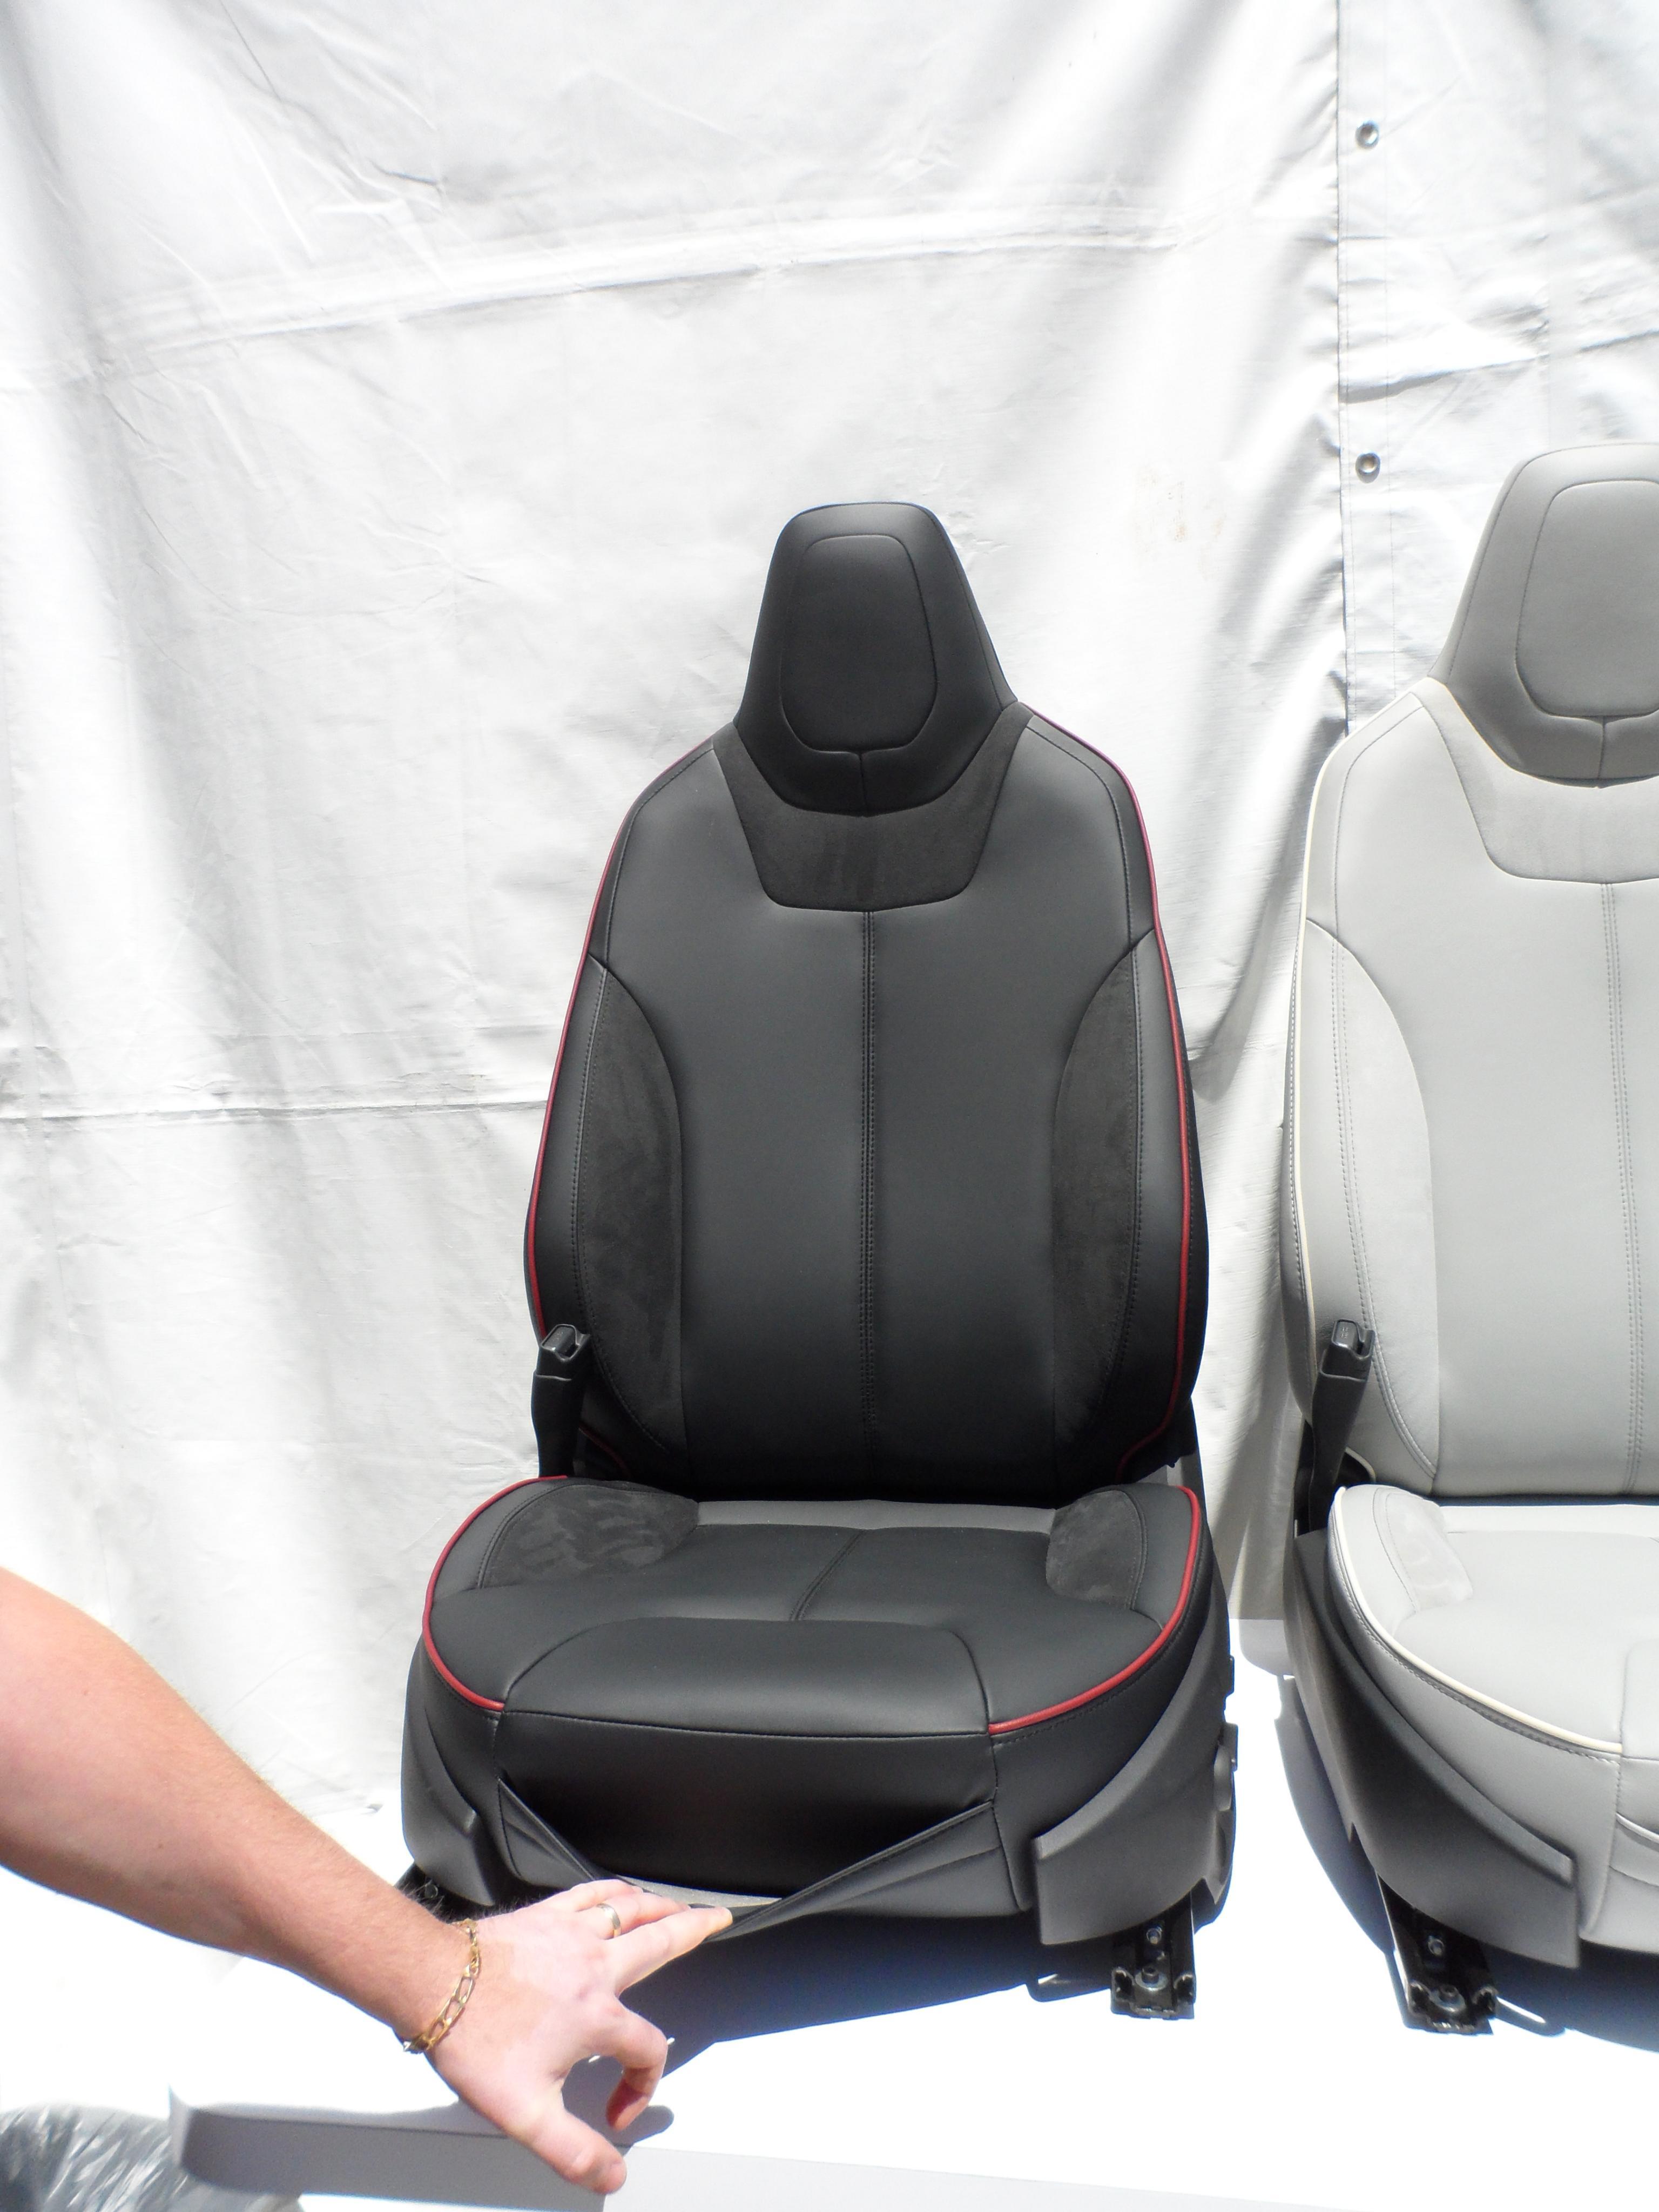 Tesla Model S Test Drive 6-23-12 002.jpg